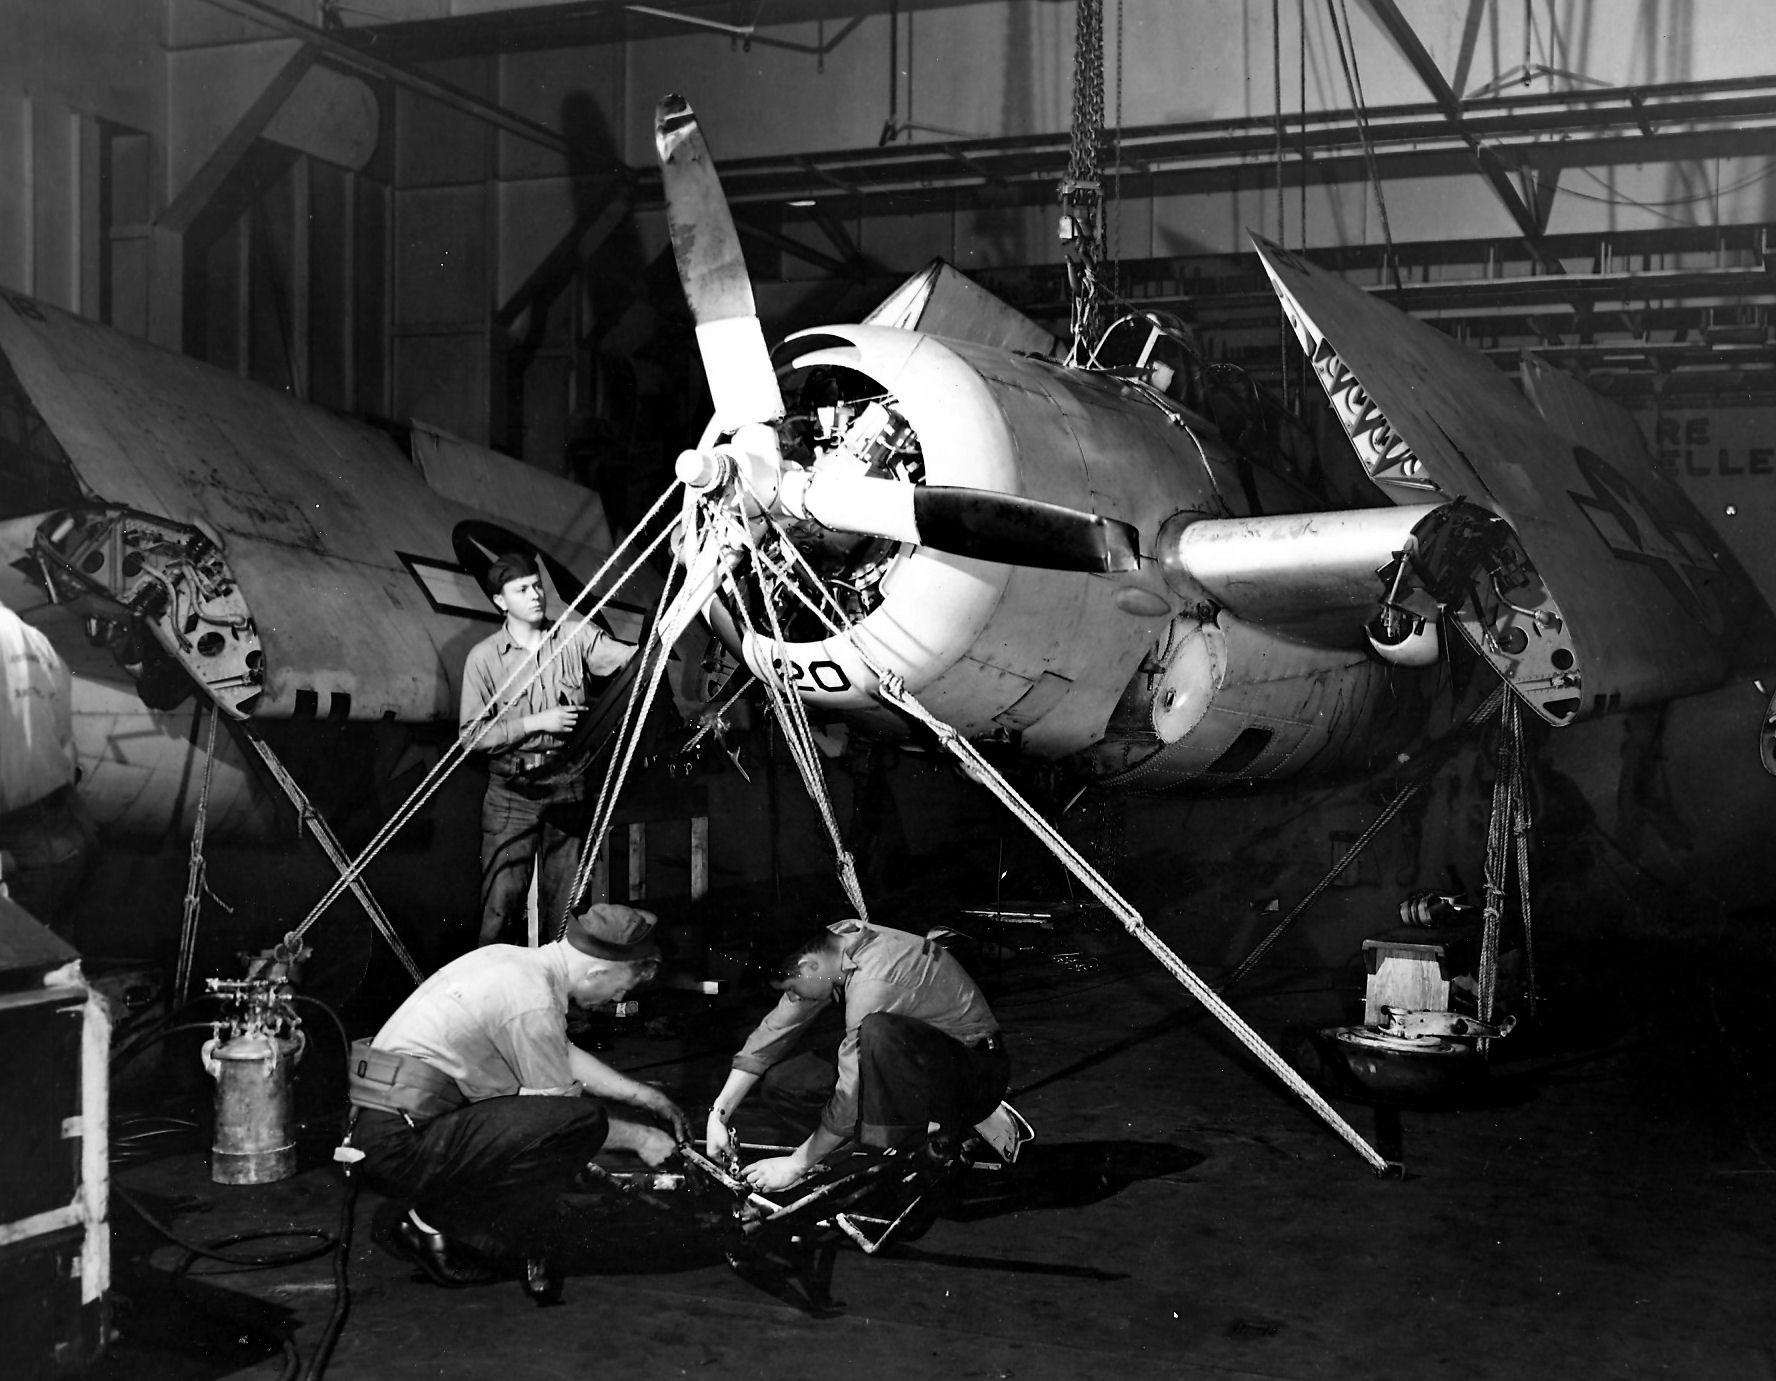 Aircrew Ensign R K Rountree photo series FM 1 Wildcat Black 20 landing gear repairs April 1944 01